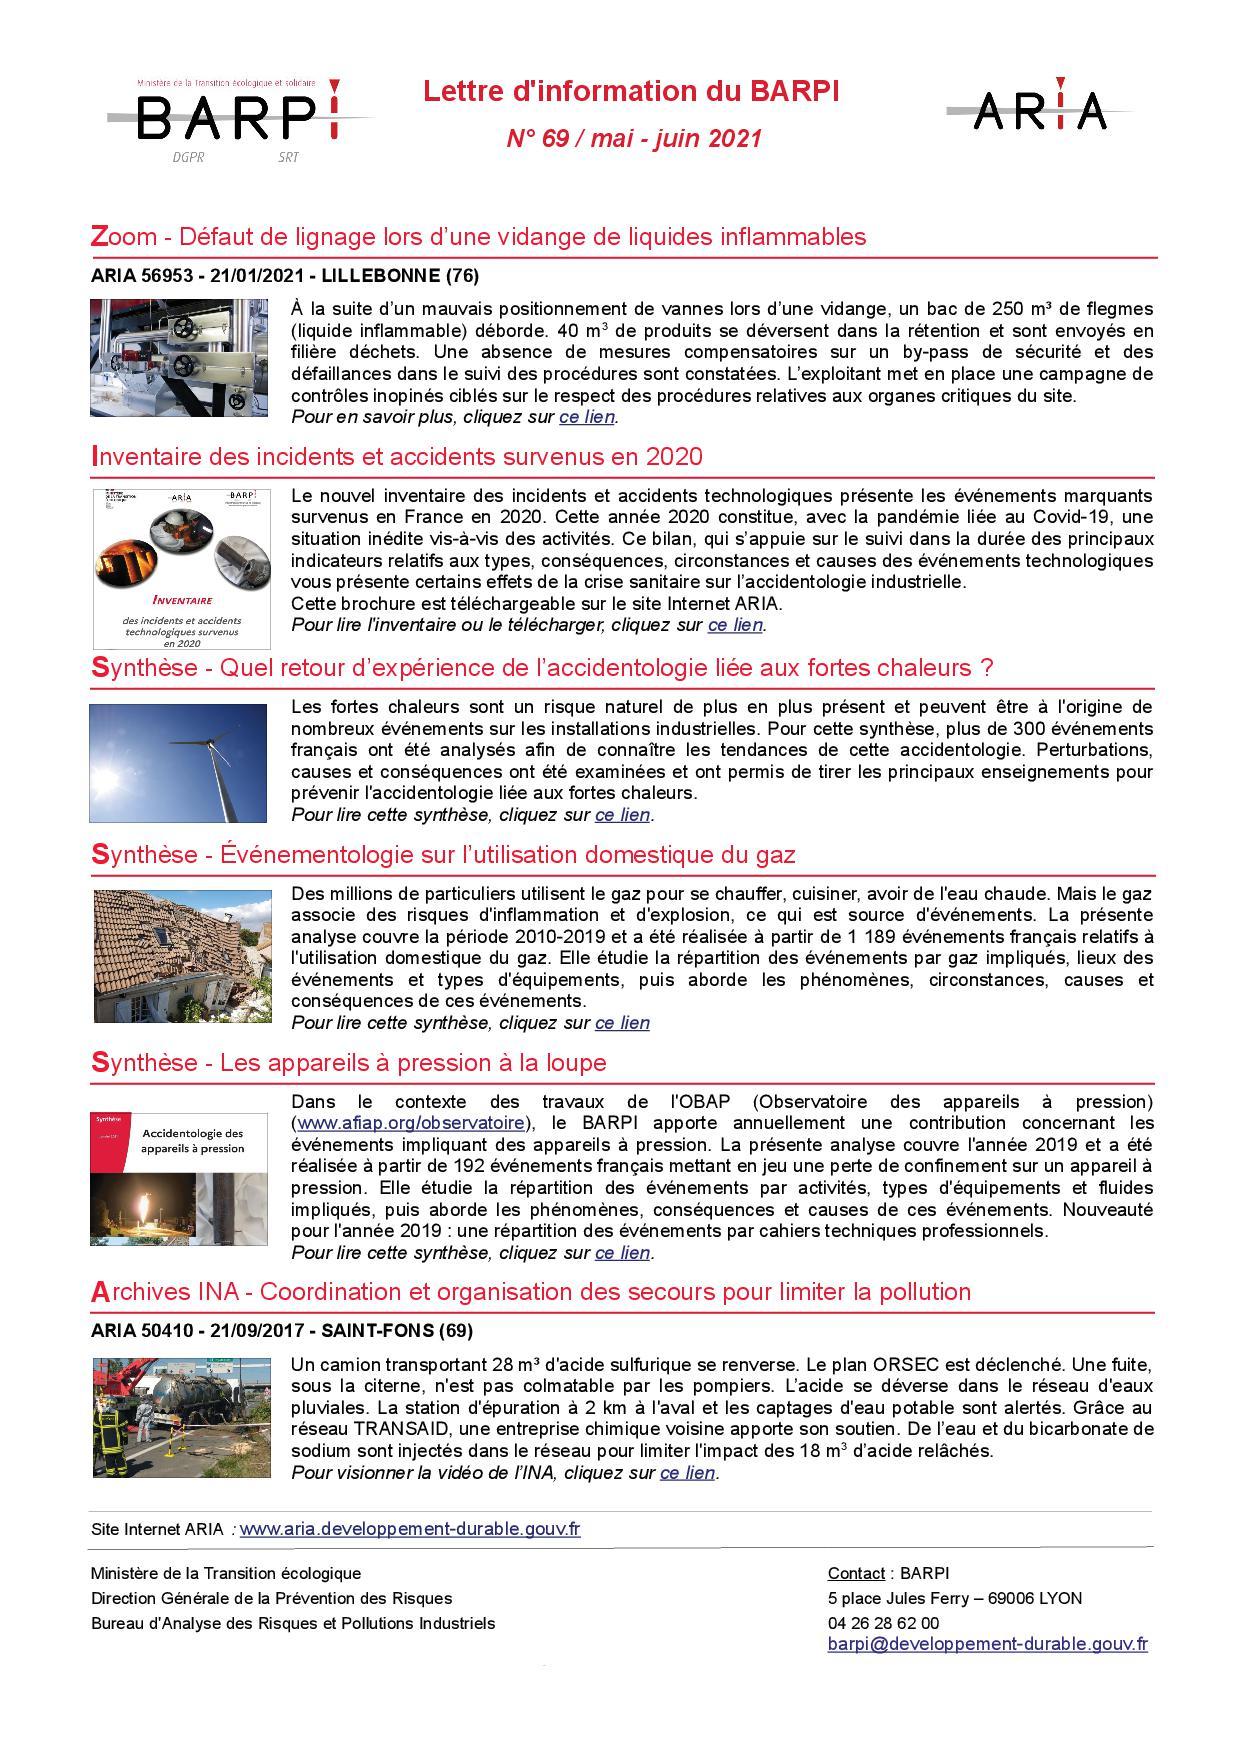 Lettre D'information N° 69 / Mai – Juin 2021